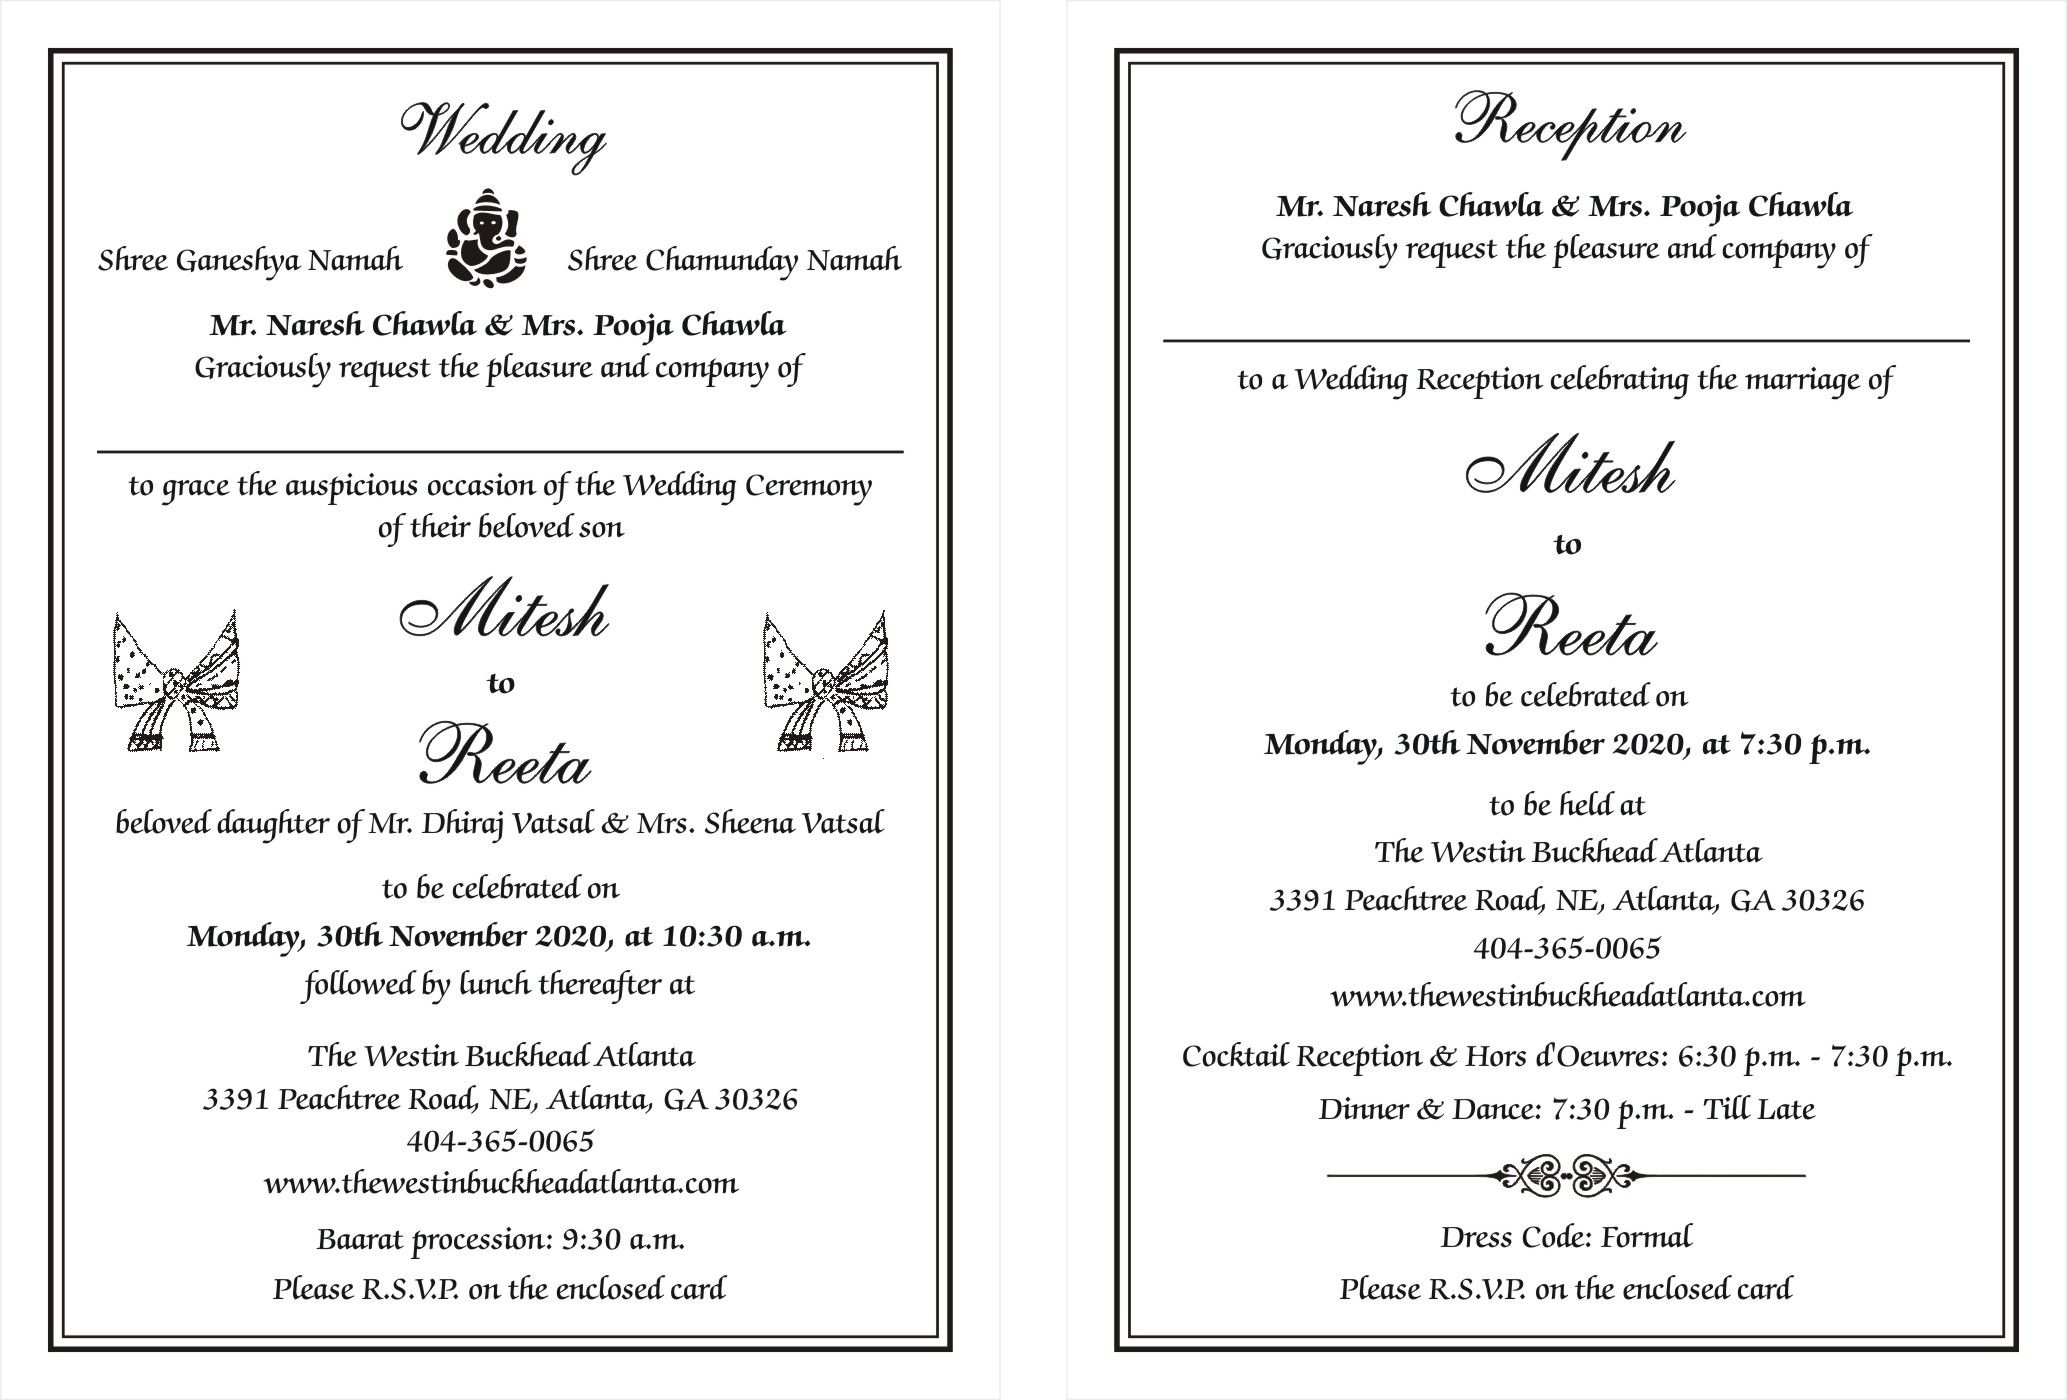 Hindu Wedding Cards Wordings | Hindu Wedding Card Wordings For ...